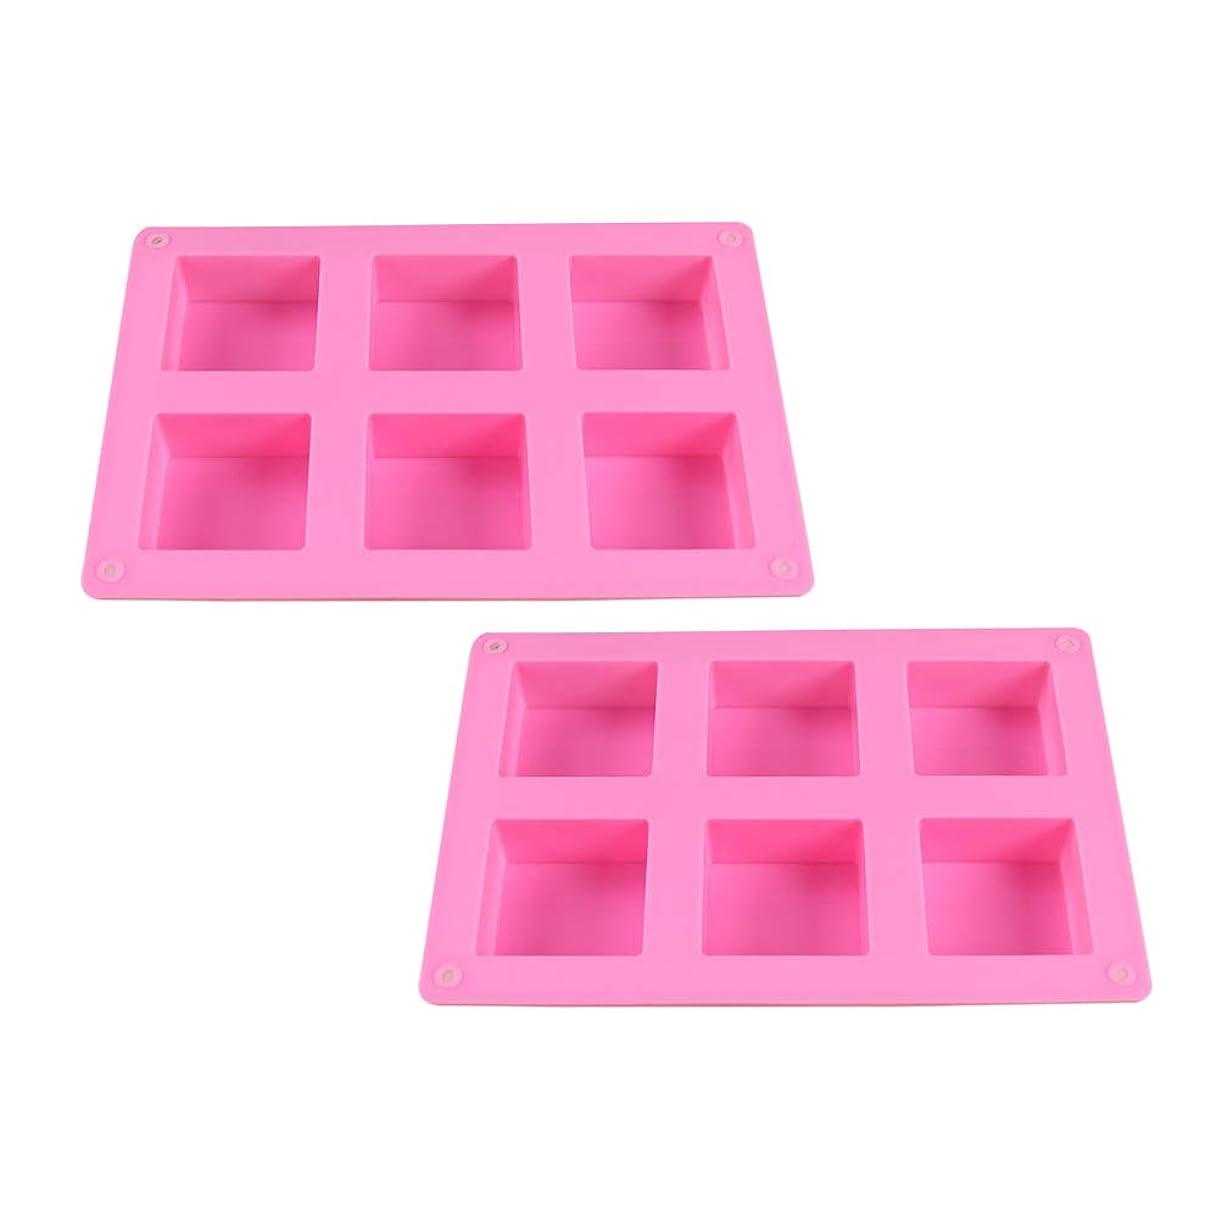 前書き対立の前でHEALIFTY DIYのケーキのベーキング型のための6つのキャビティシリコーンの石鹸型との石鹸作りのための2PCS石鹸型